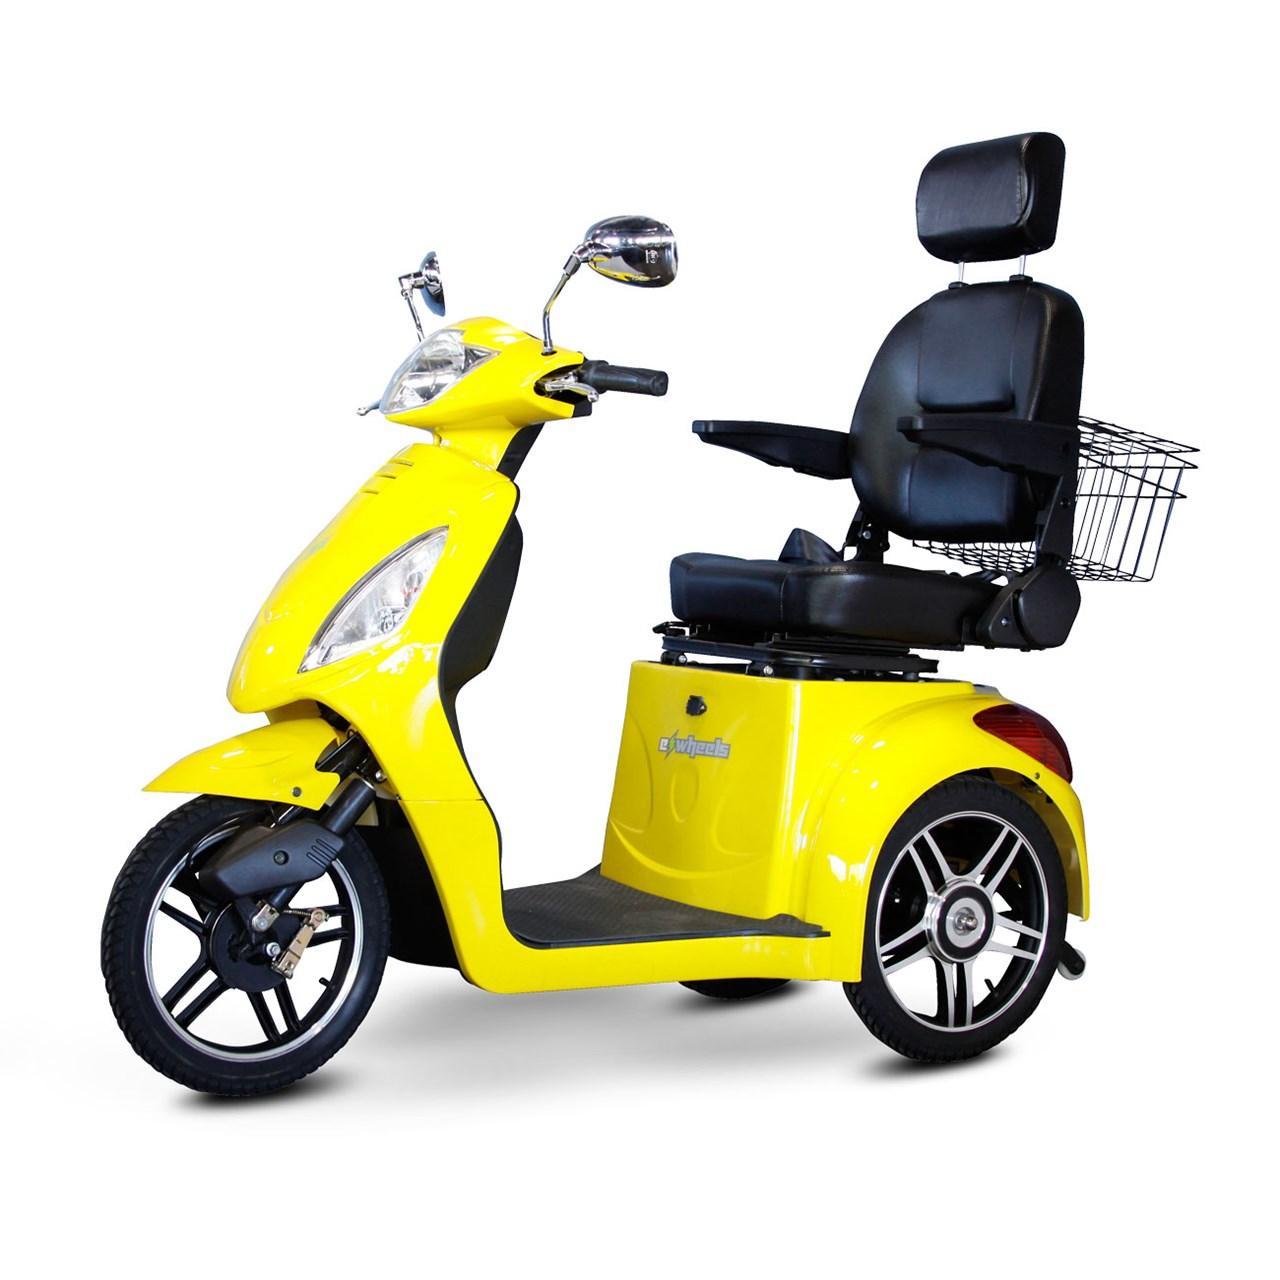 Maxiaids E Wheels Ew 36 3 Wheel Electric Senior Mobility Scooter Yellow